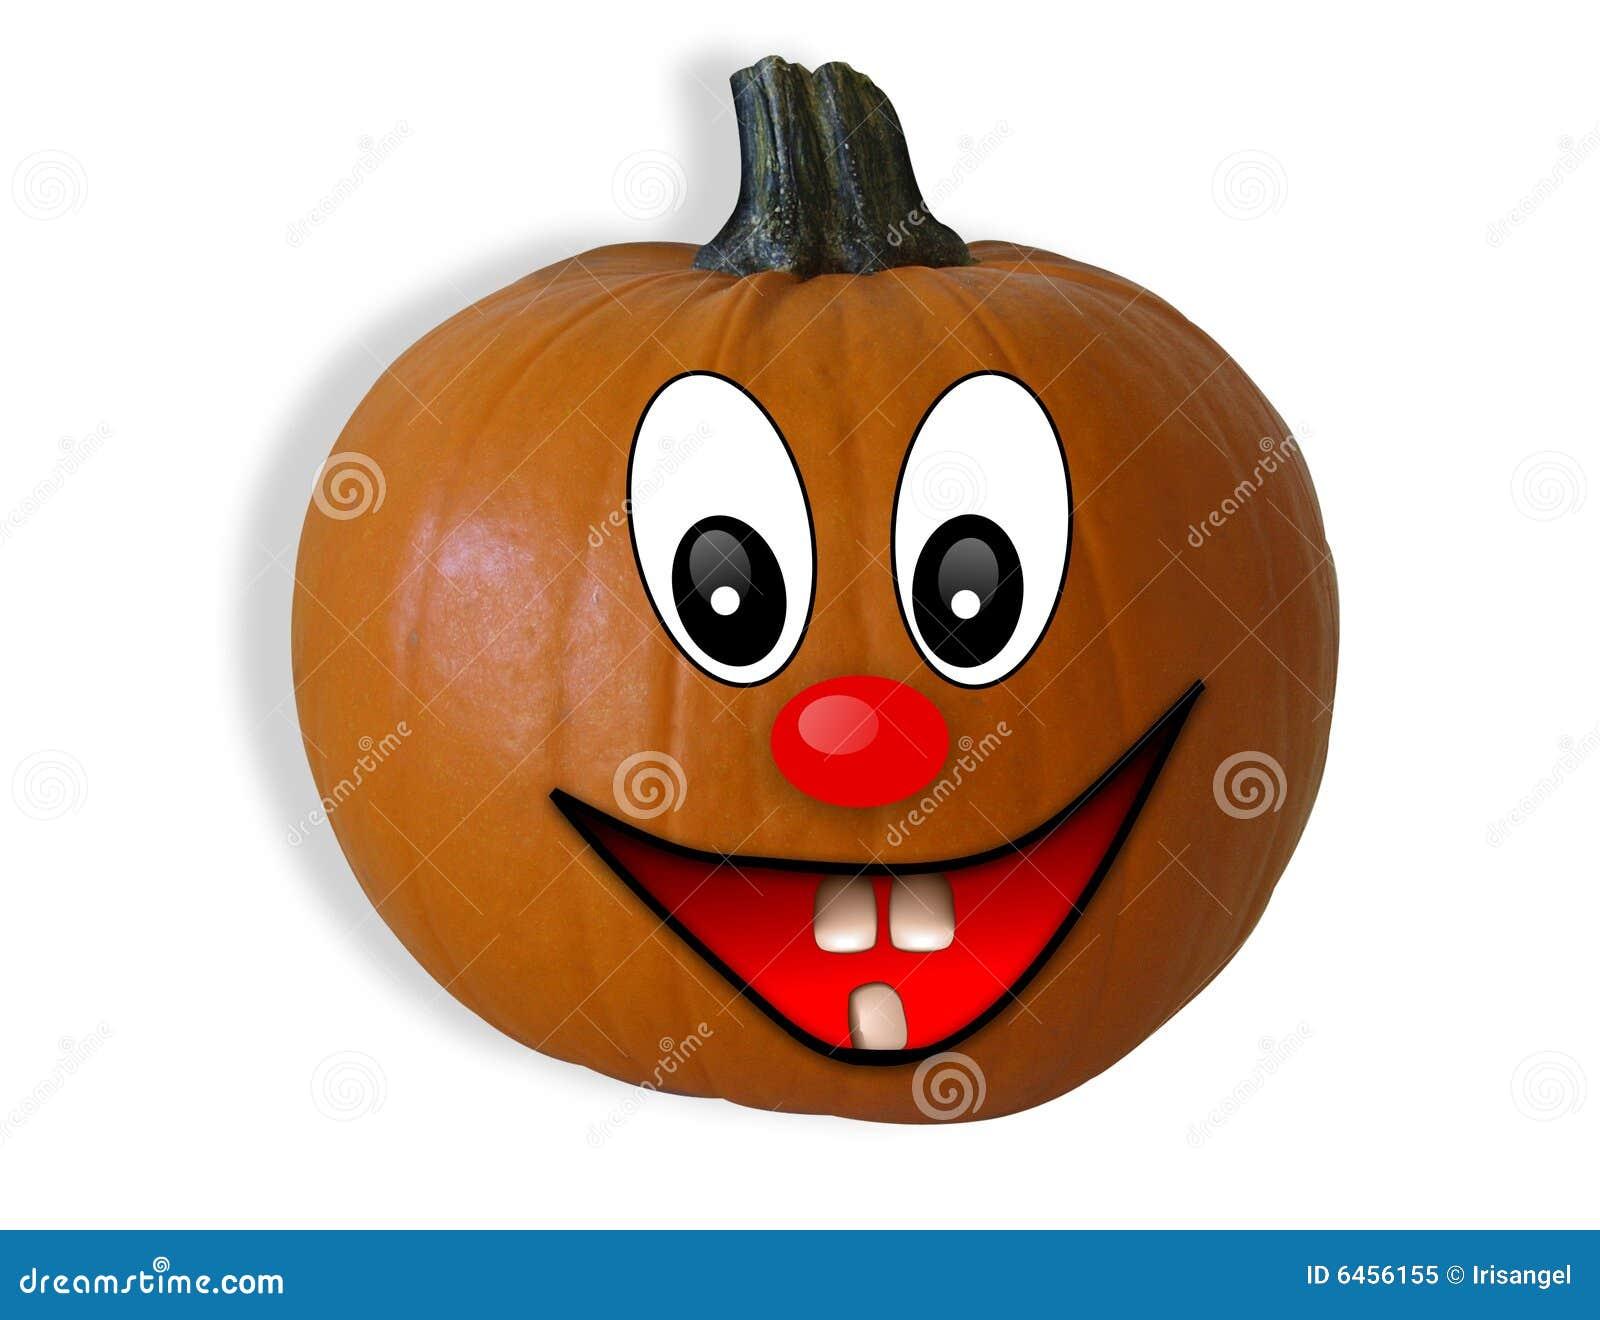 Szczęśliwa twarz Halloween odseparowana pączuszku